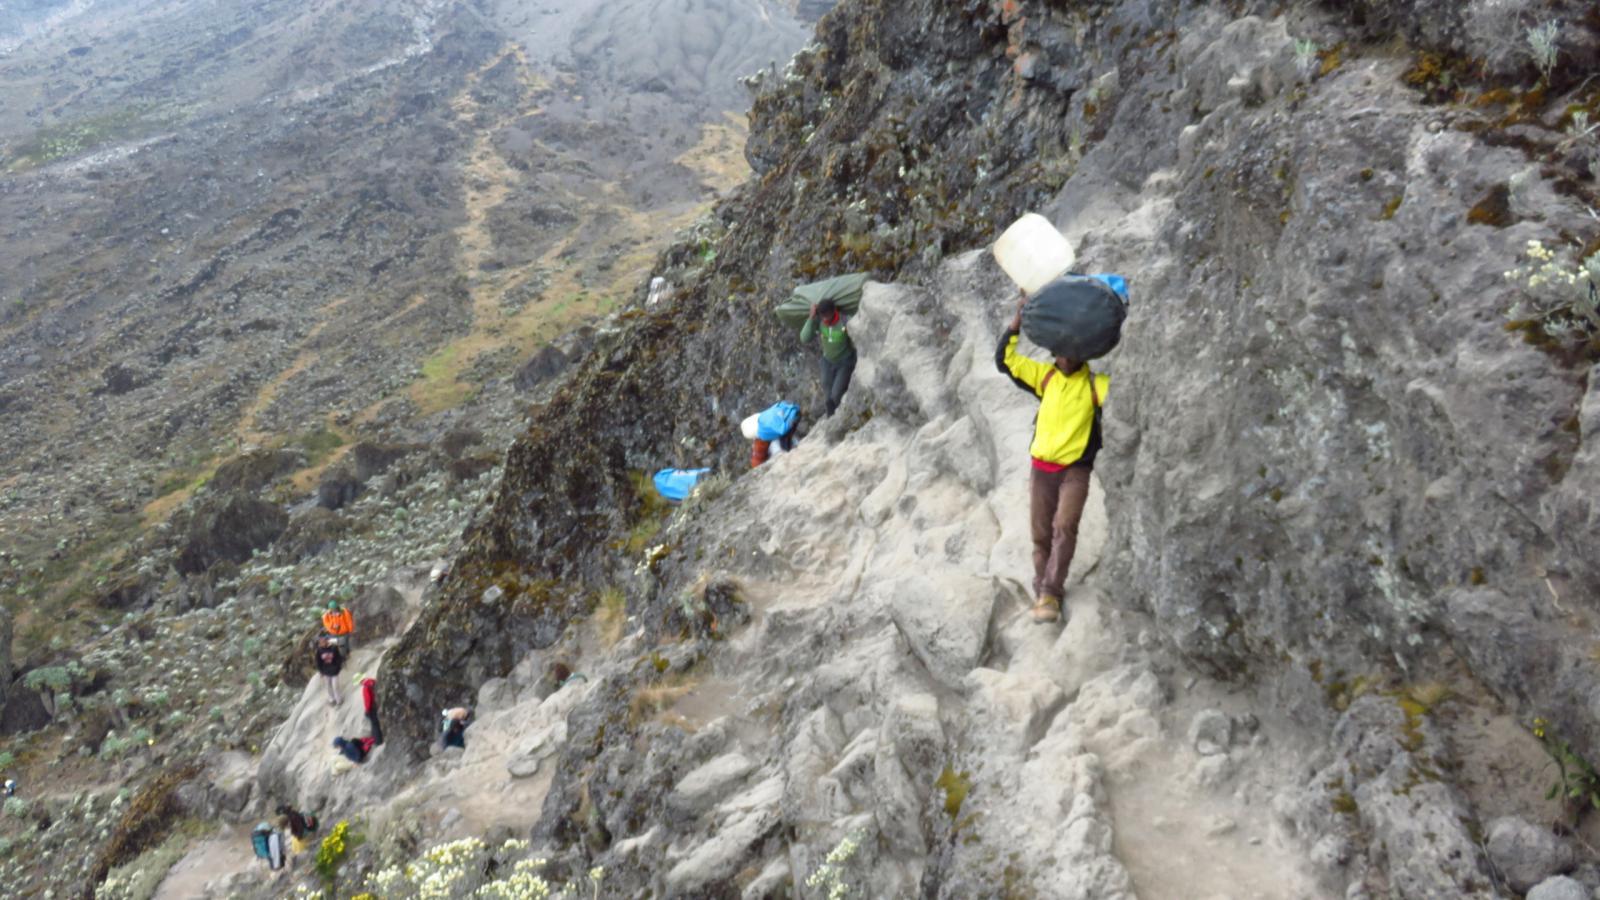 risalendo una paretina rocciosa su cenge e traversi sopra il Barranco Camp (24-8-2014)